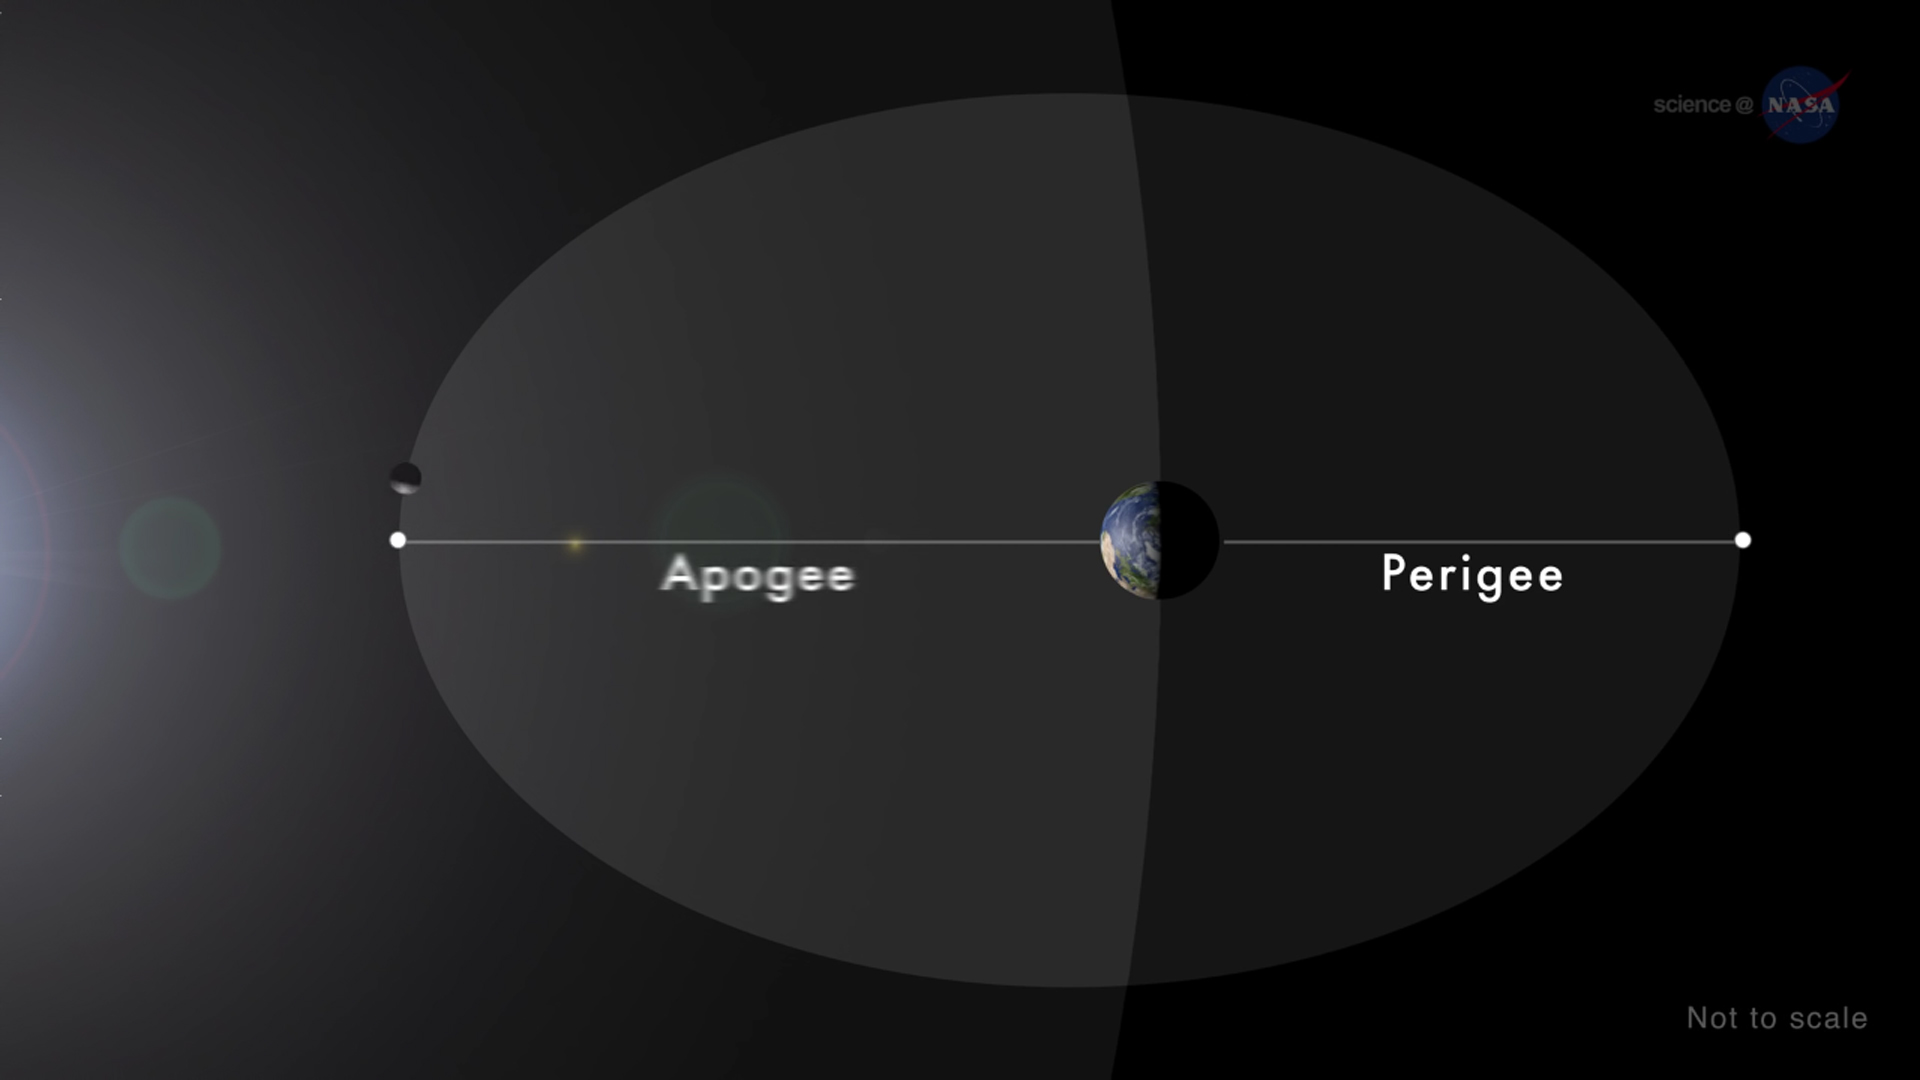 apogee_orbit_nasa_hd